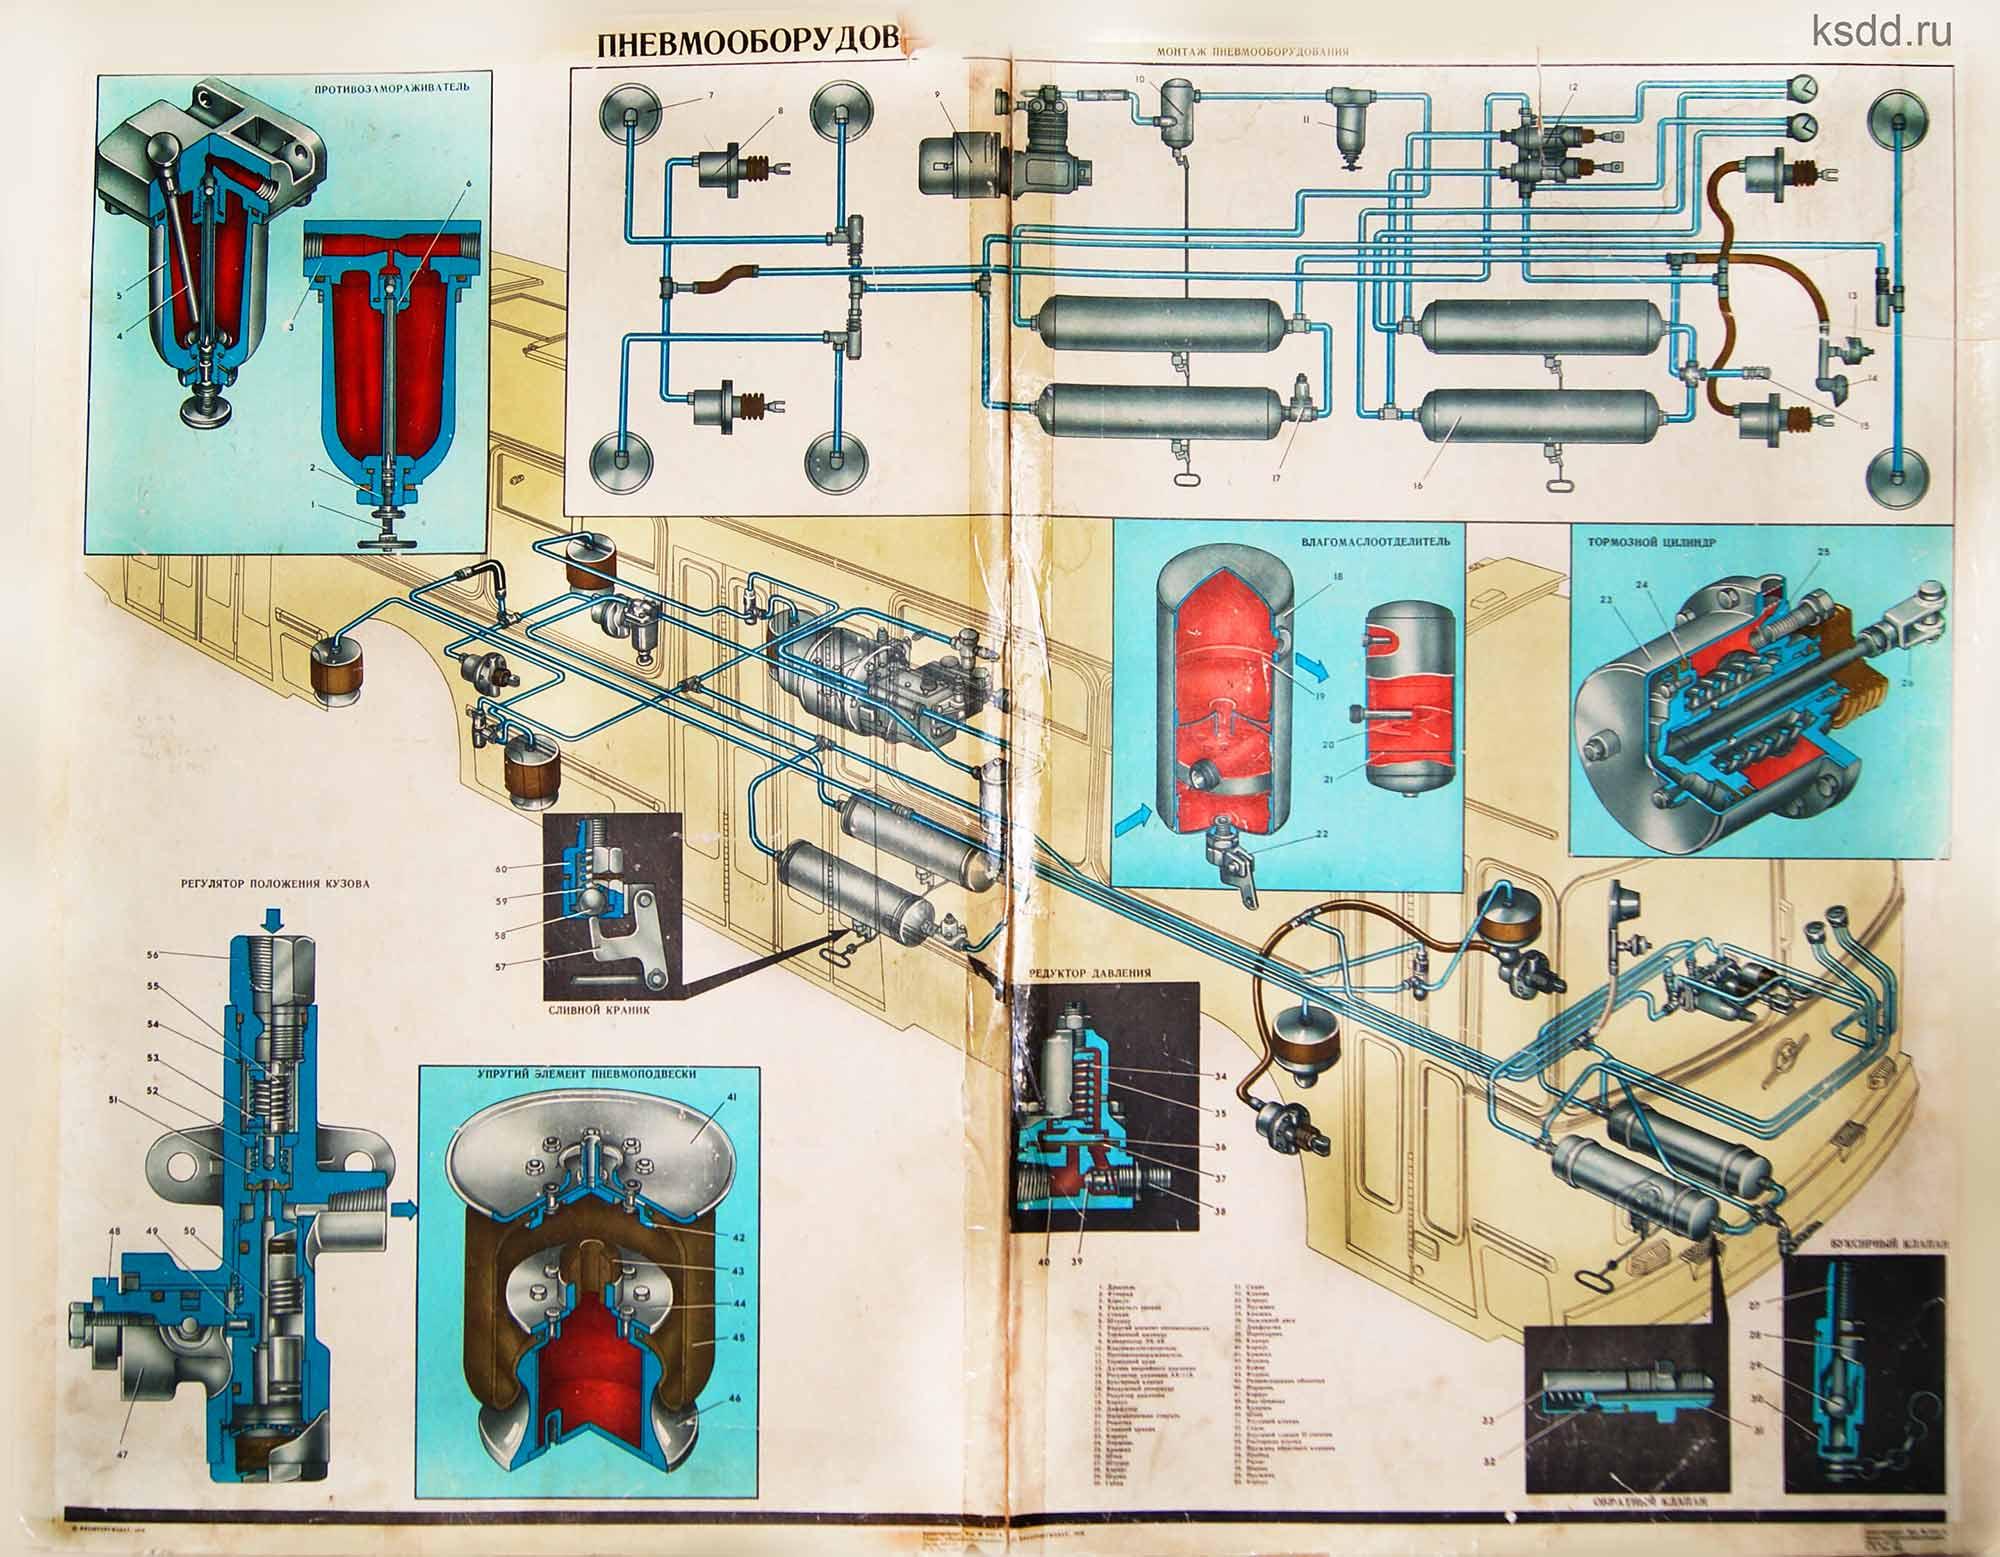 4.-пневмооборудование